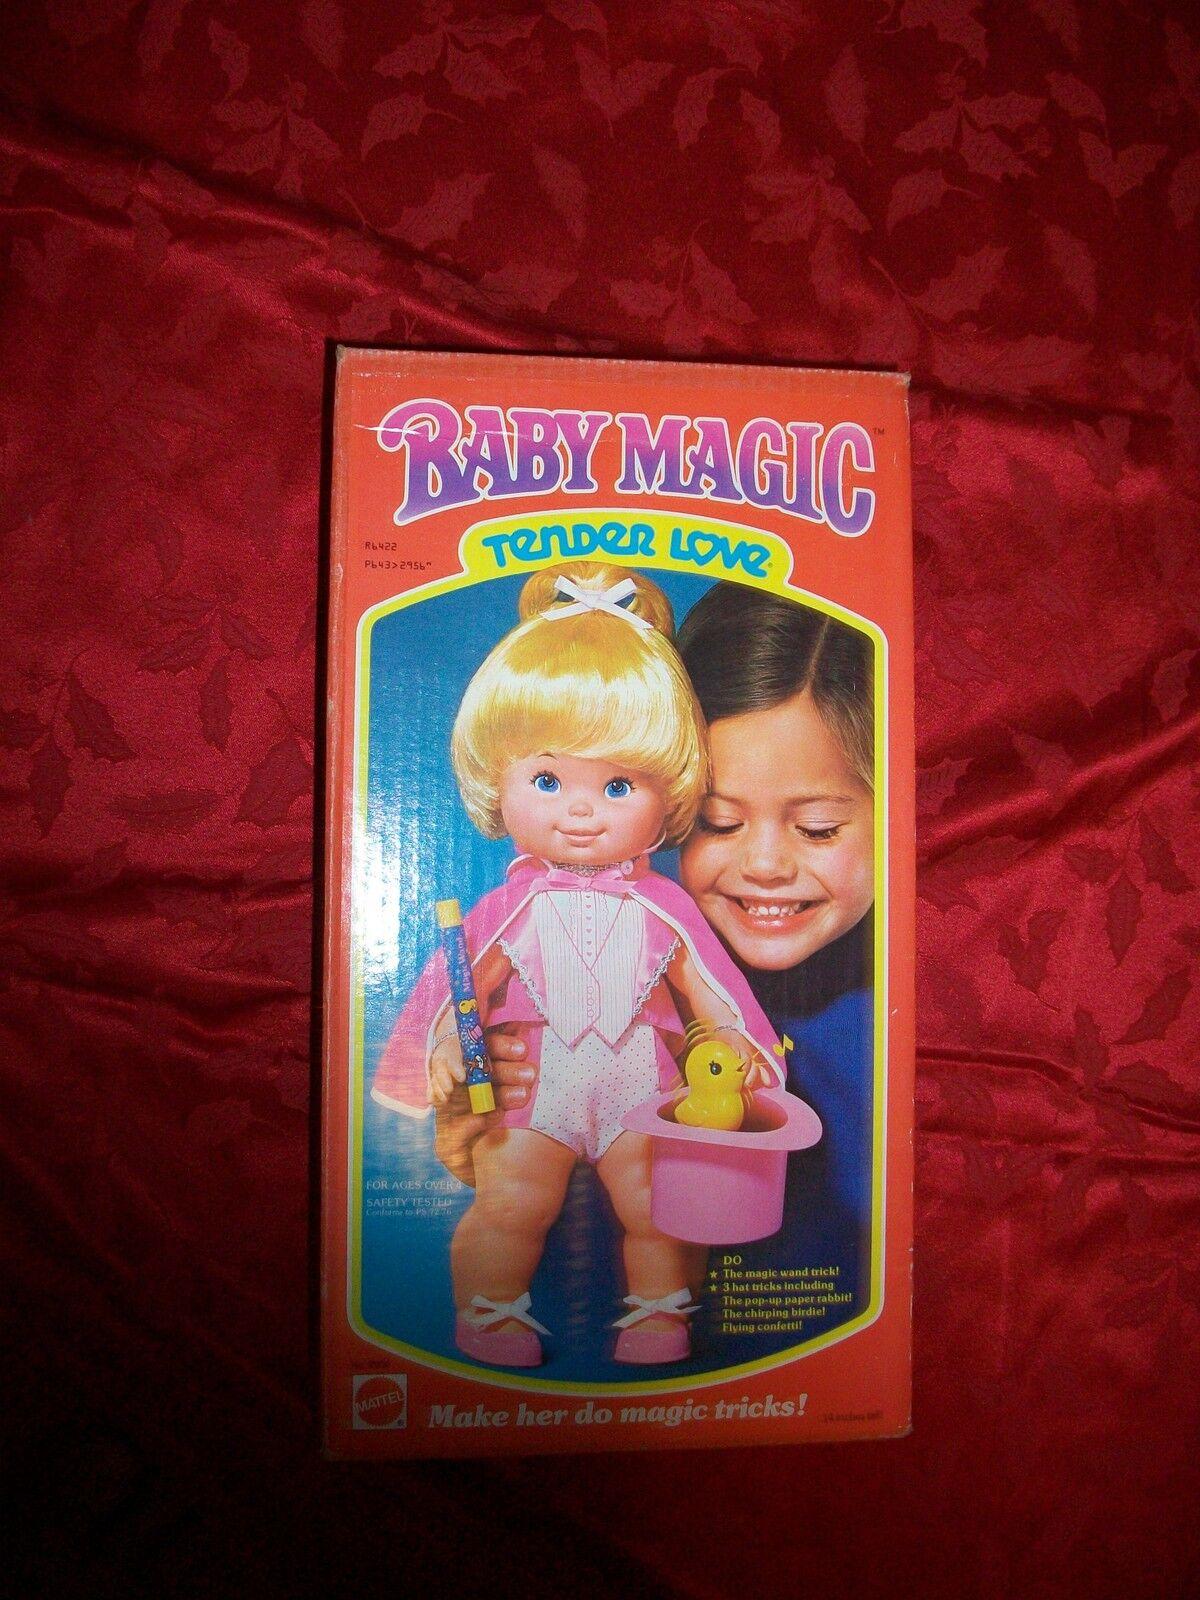 1978 Vintage muñeca bebé mágico tierno amor difícil de encontrar